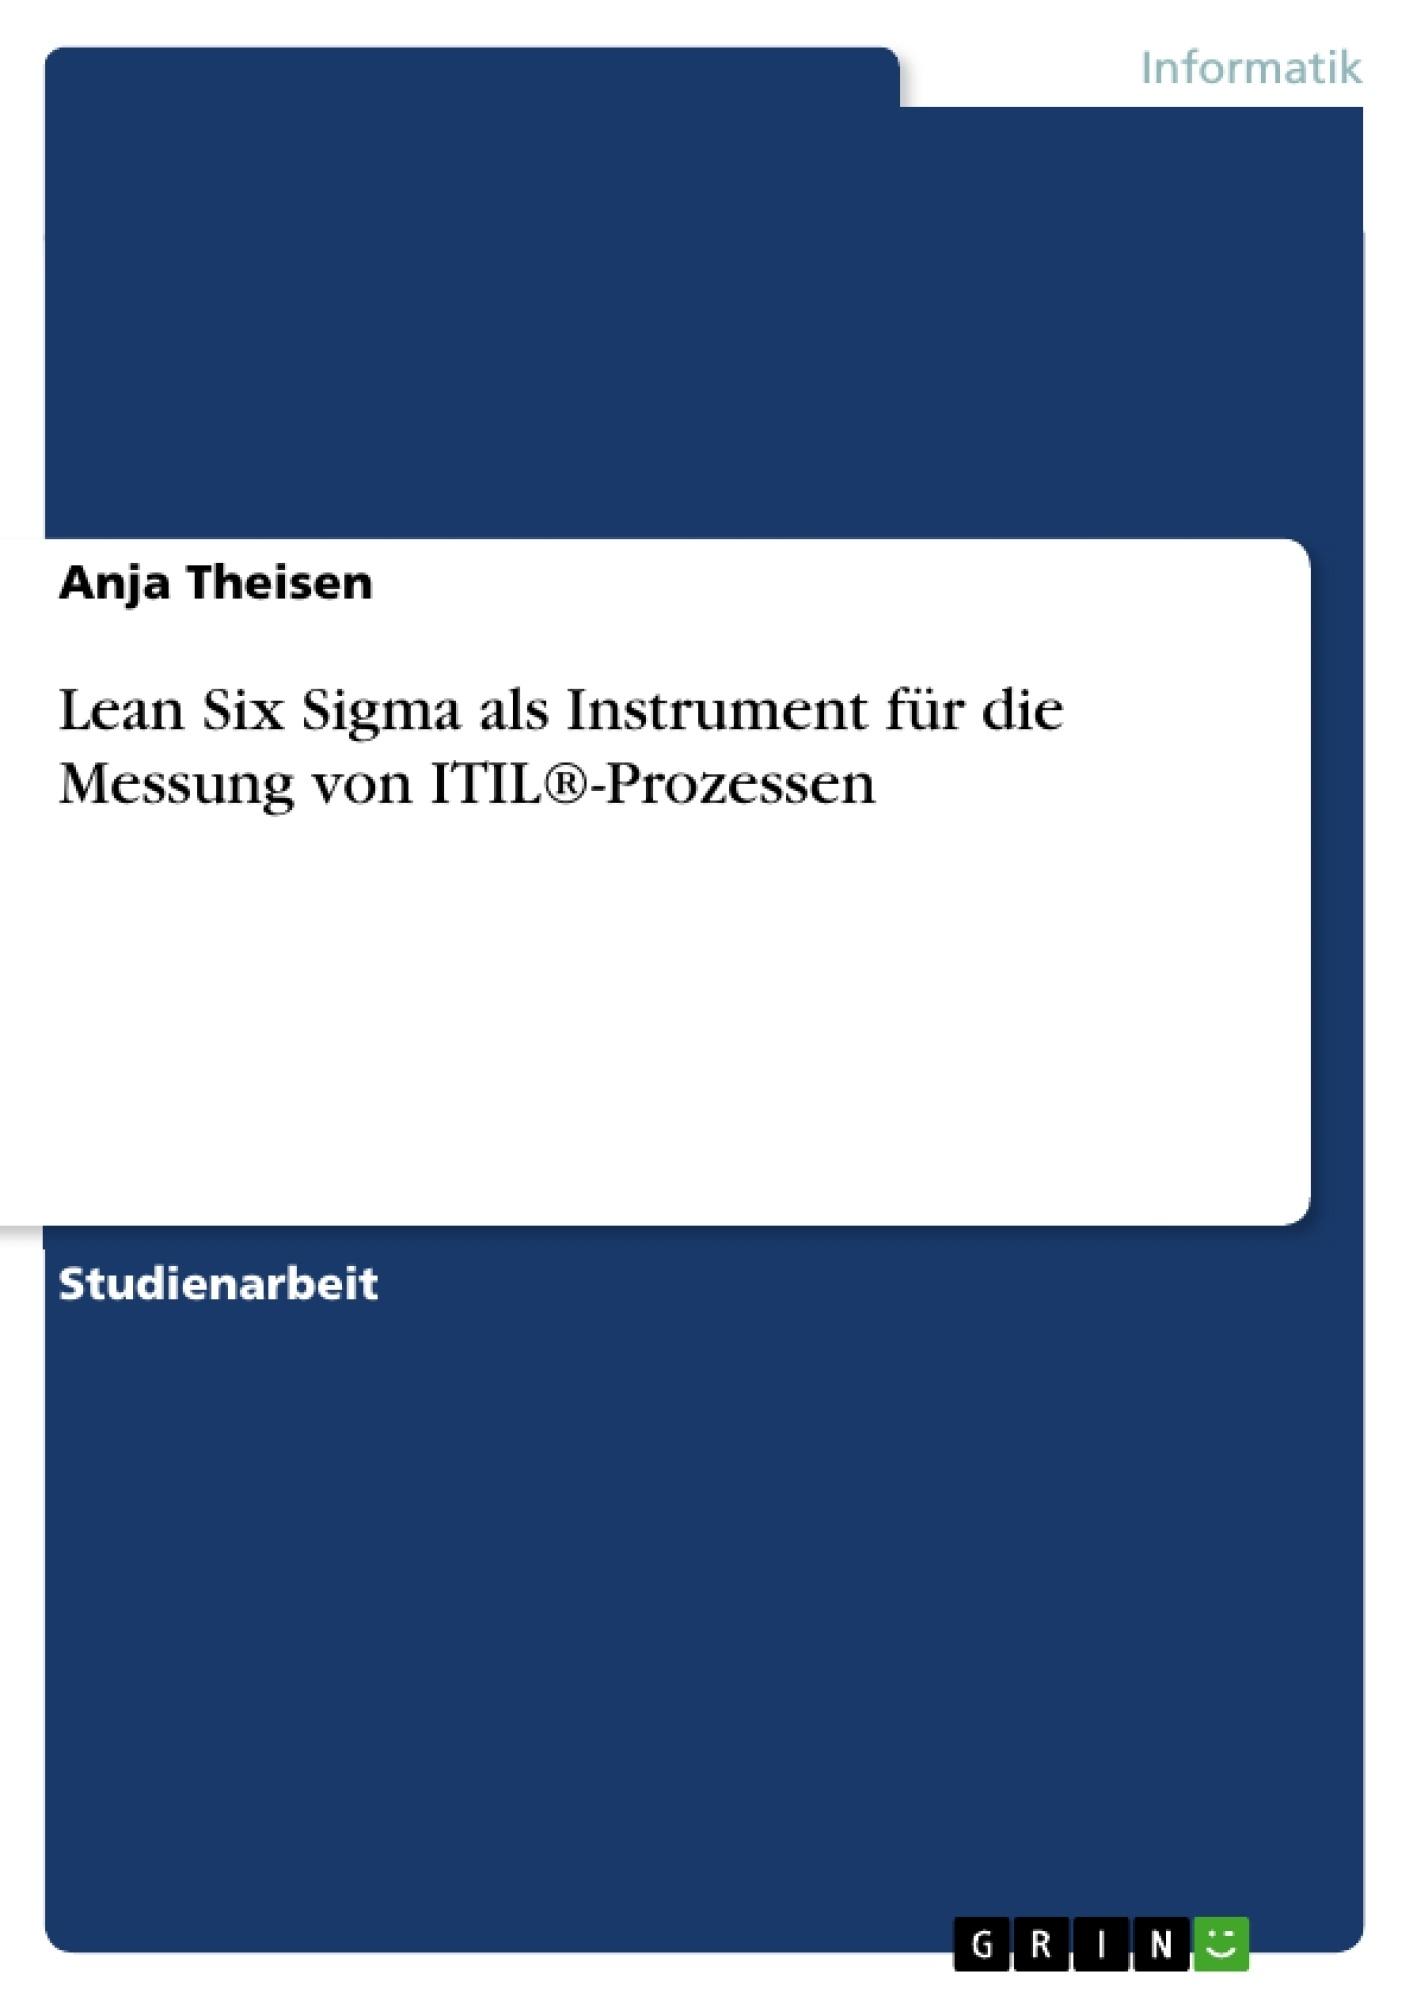 Titel: Lean Six Sigma als Instrument für die Messung von ITIL®-Prozessen